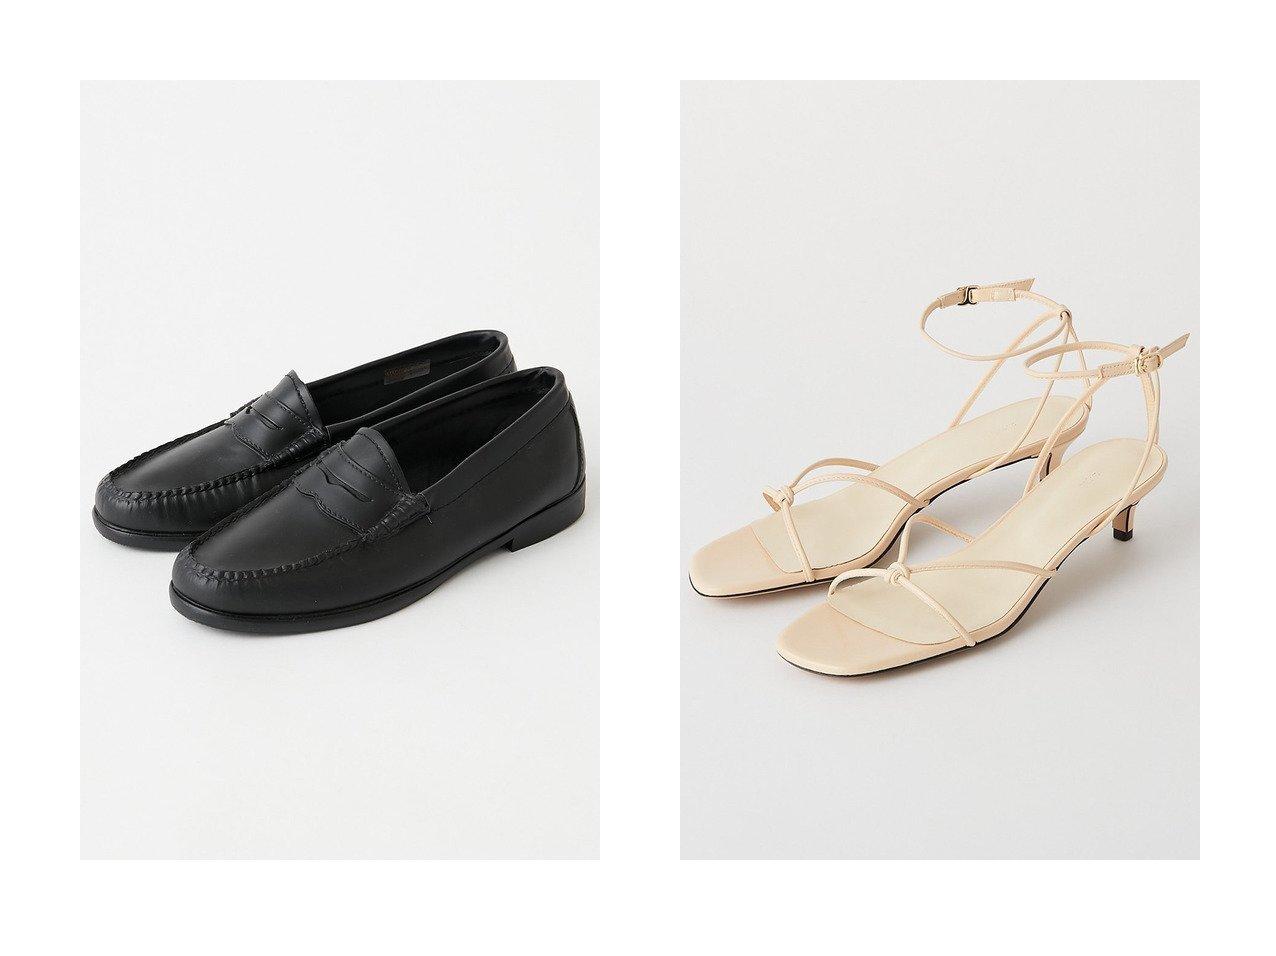 【GALLARDAGALANTE/ガリャルダガランテ】の【2.718】ストリングストラップサンダル&【Traditional Weatherwear】レインシューズ/LOAFER シューズ・靴のおすすめ!人気、トレンド・レディースファッションの通販 おすすめで人気の流行・トレンド、ファッションの通販商品 メンズファッション・キッズファッション・インテリア・家具・レディースファッション・服の通販 founy(ファニー) https://founy.com/ ファッション Fashion レディースファッション WOMEN 2021年 2021 2021 春夏 S/S SS Spring/Summer 2021 S/S 春夏 SS Spring/Summer シンプル 春 Spring  ID:crp329100000024757